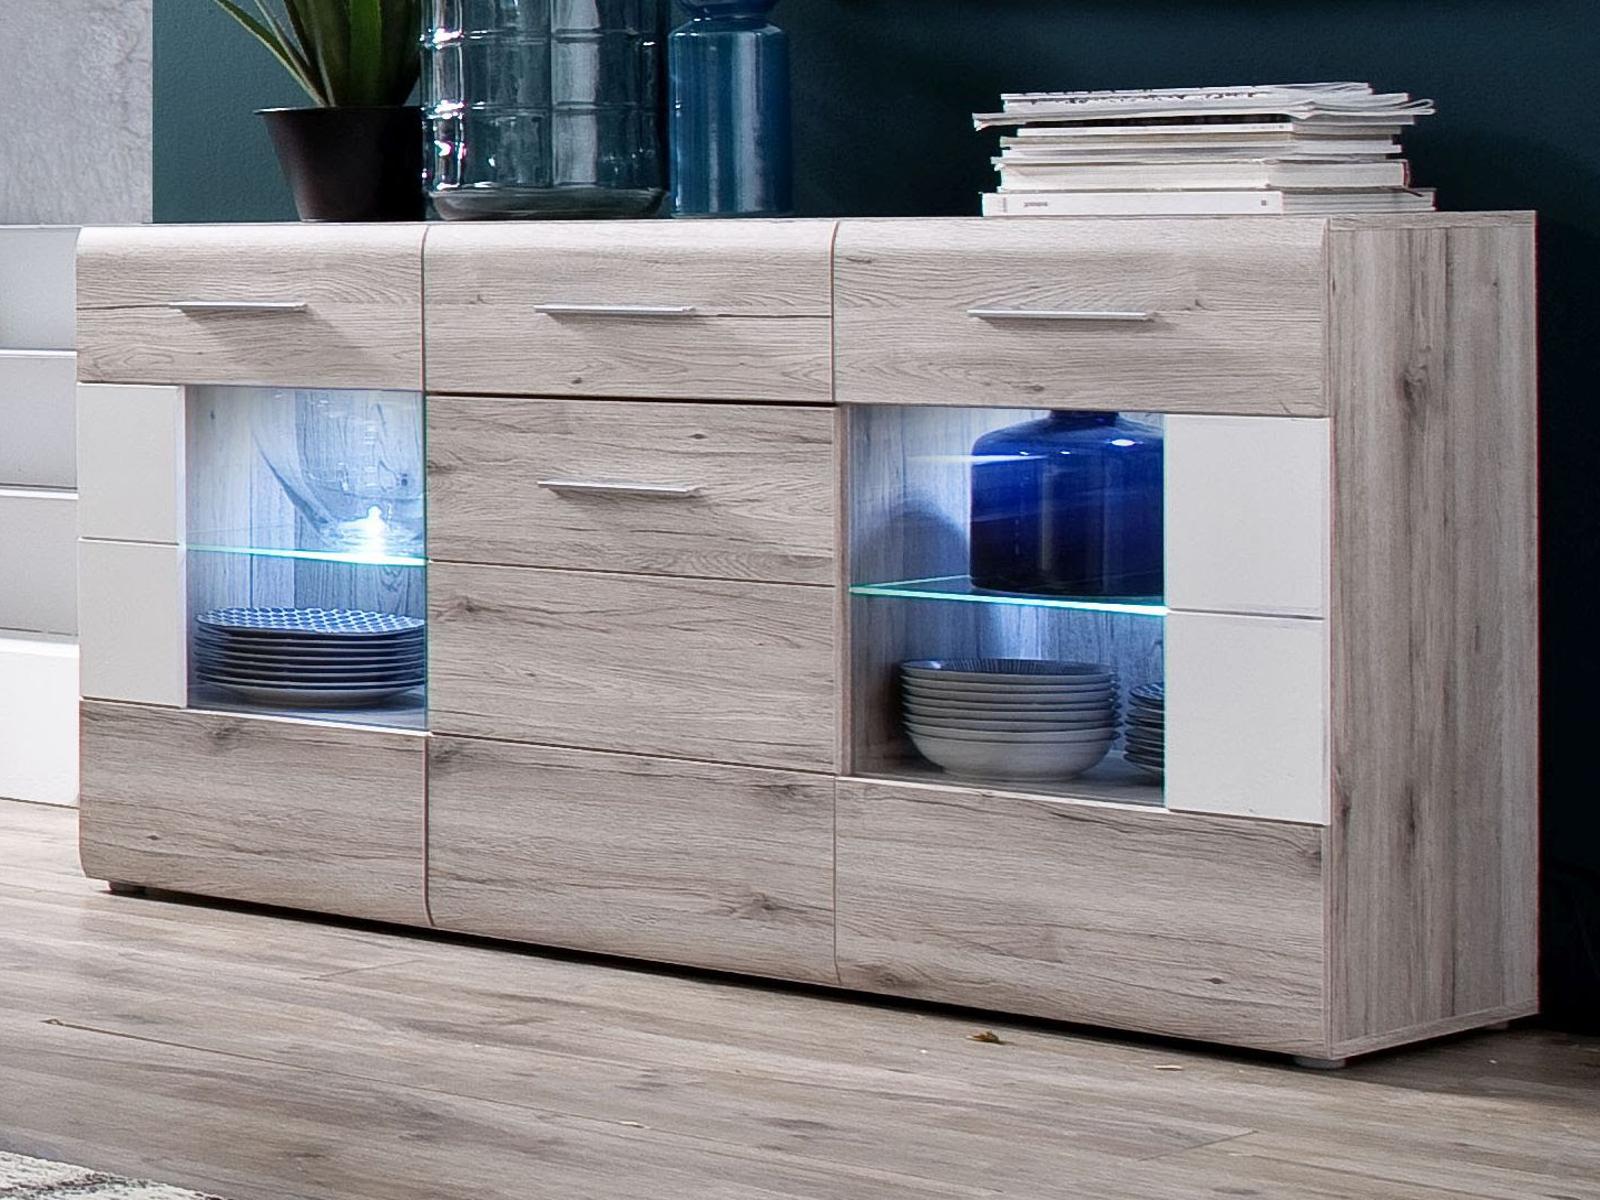 sideboard apollo eiche san remo sand und hochglanz wei. Black Bedroom Furniture Sets. Home Design Ideas